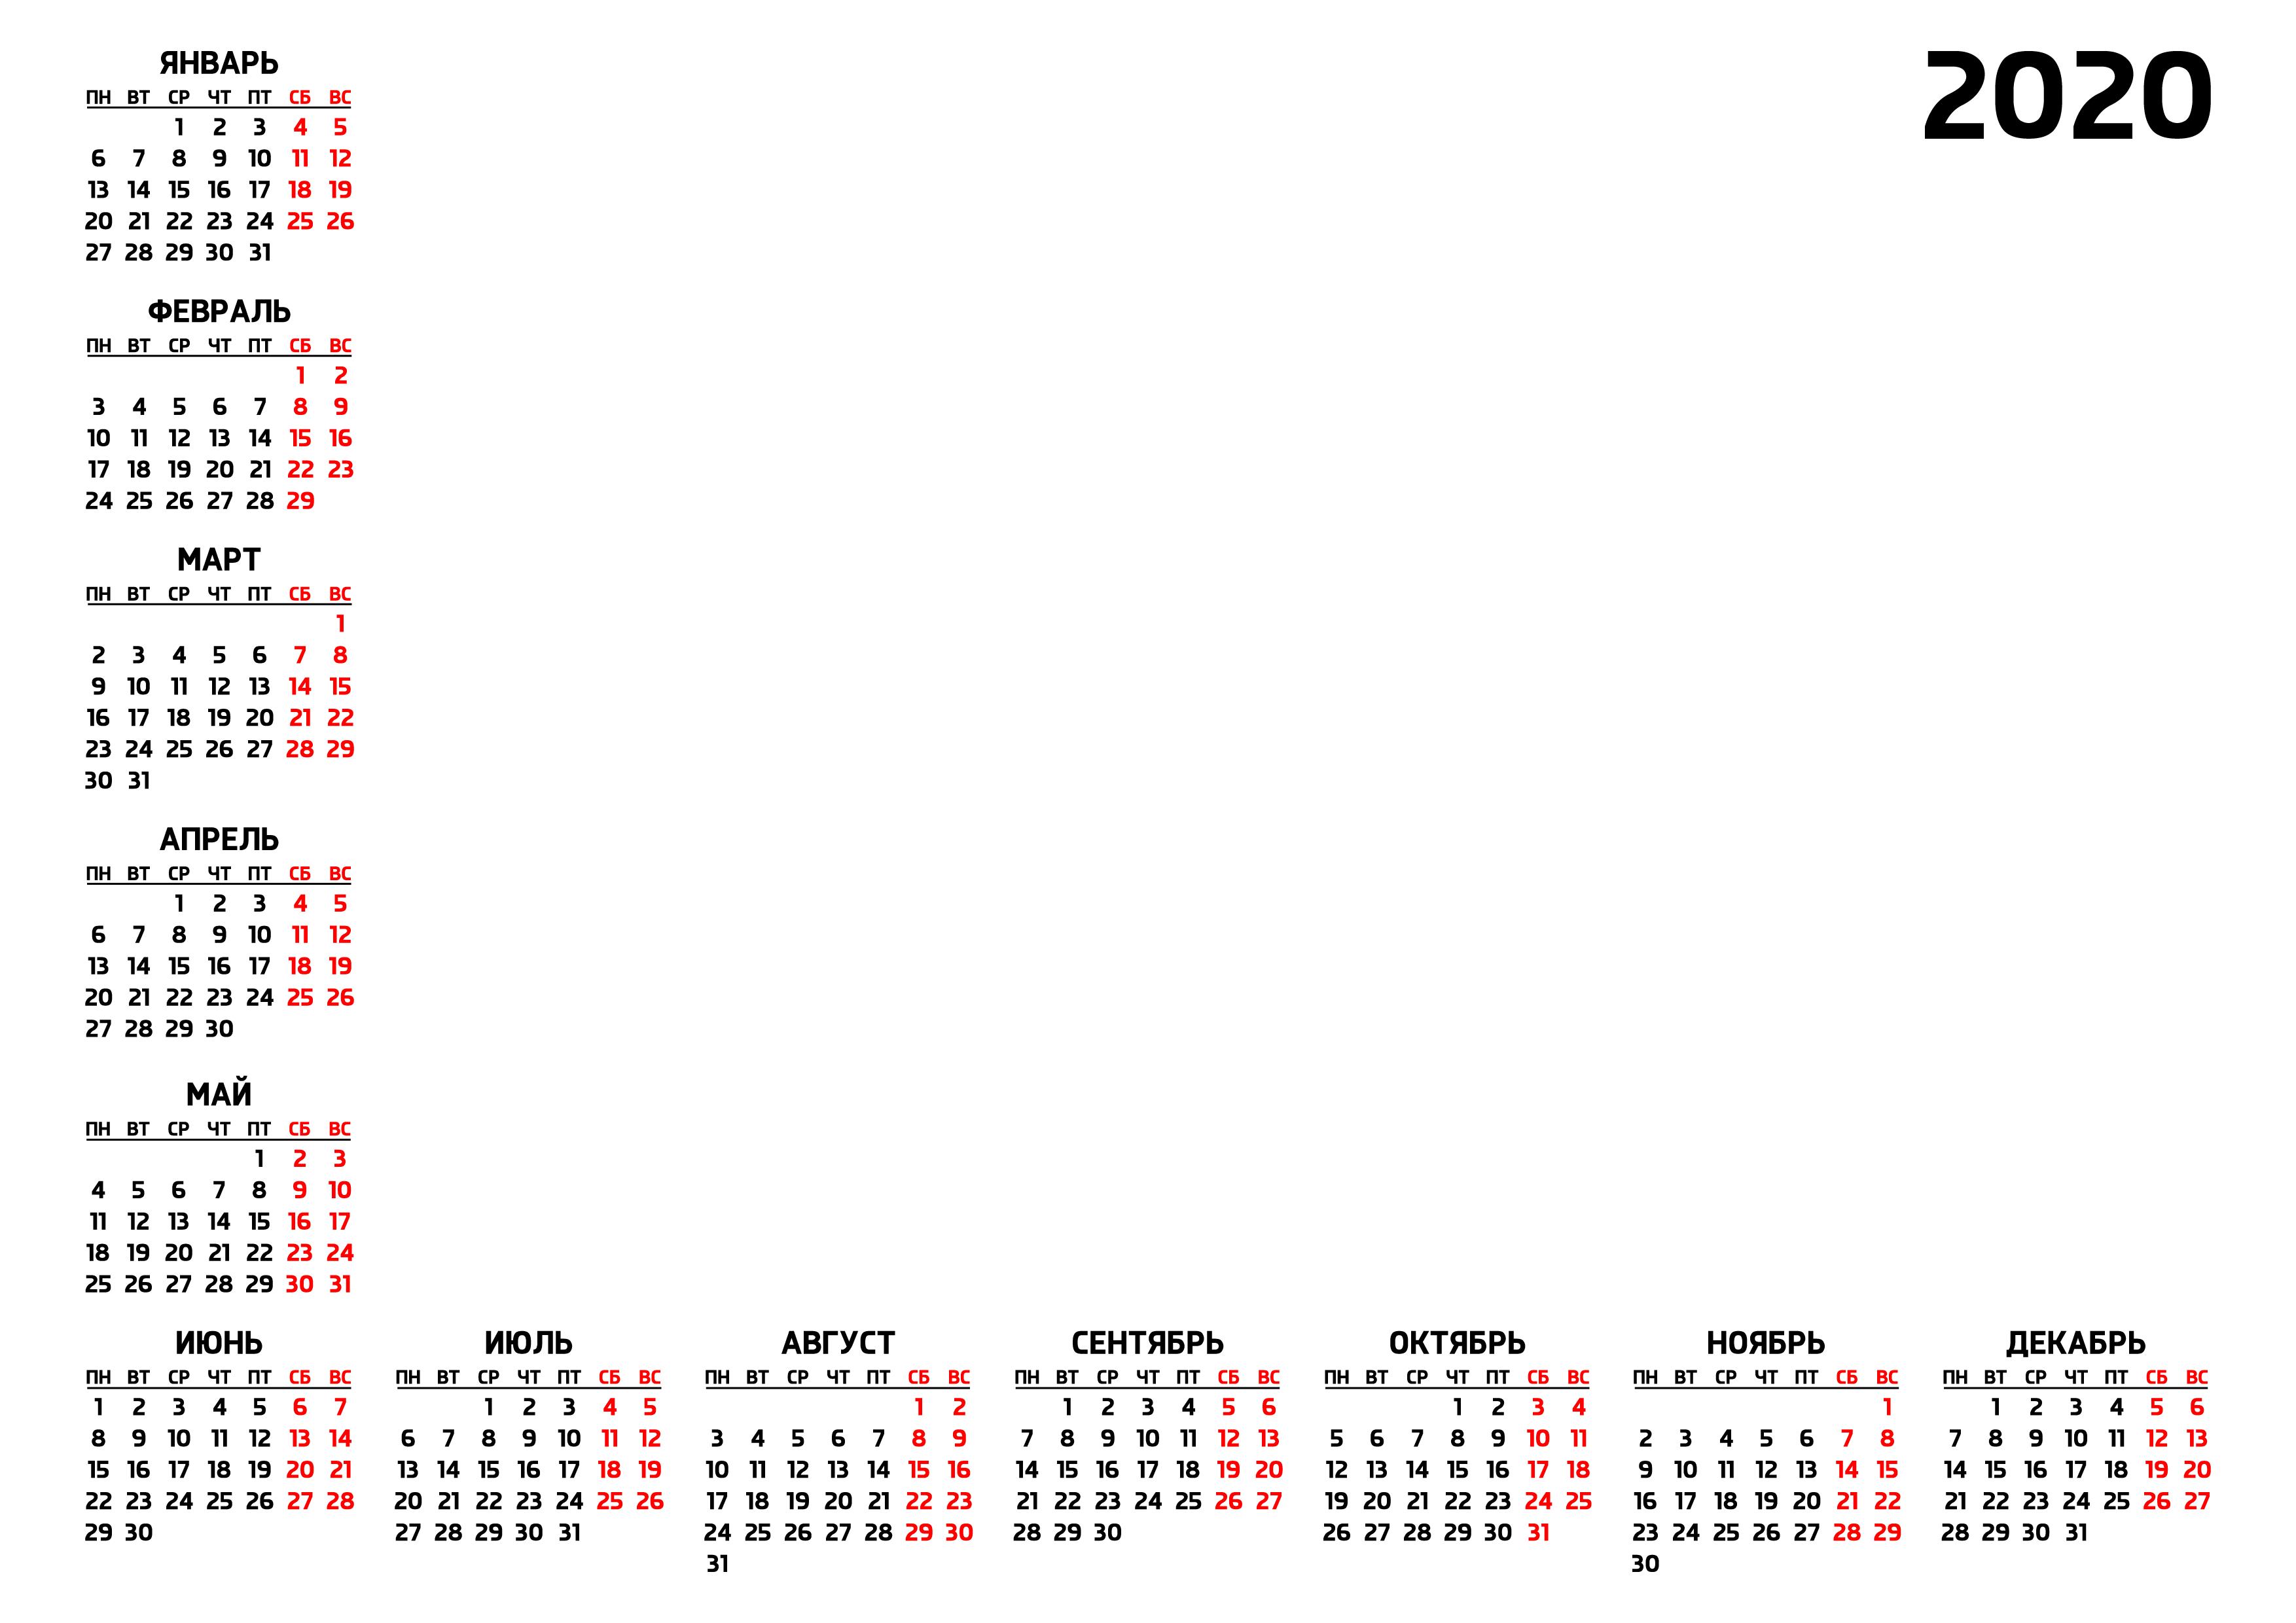 Шаблон Календаря На 2020 Год Скачать Бесплатно — 3Mu.ru regarding Бланк Календаря На Год